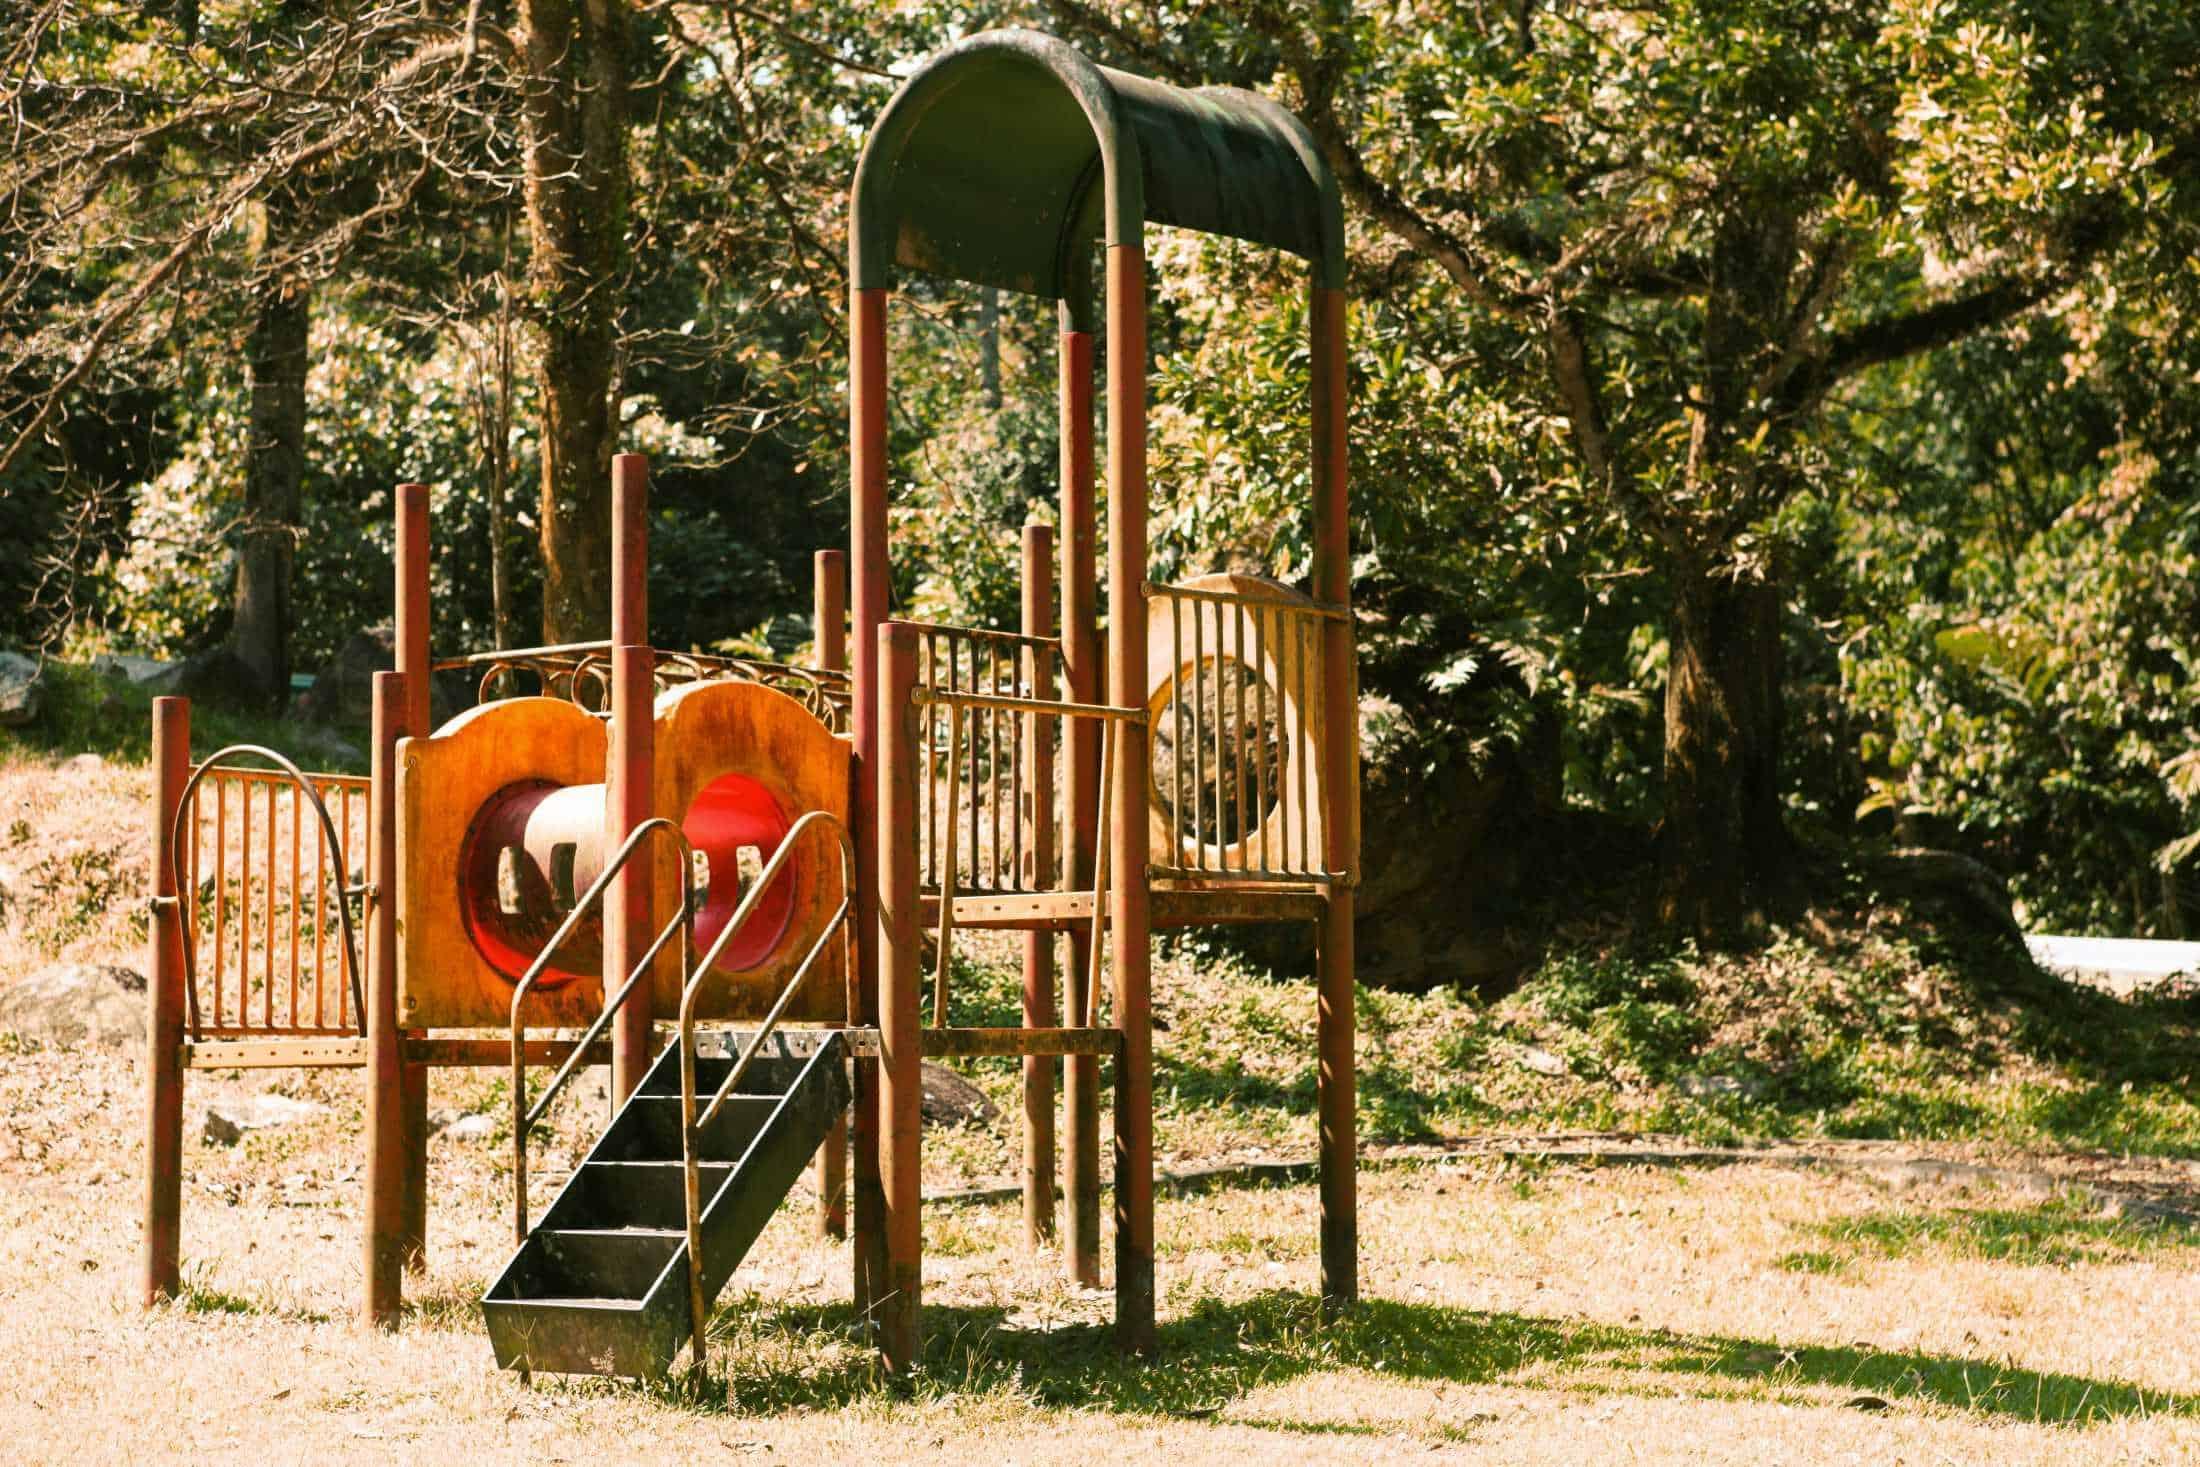 Full Size of Spielturm Obi Test Empfehlungen 05 20 Gartenbook Kinderspielturm Garten Küche Nobilia Regale Mobile Einbauküche Immobilienmakler Baden Immobilien Bad Homburg Wohnzimmer Spielturm Obi